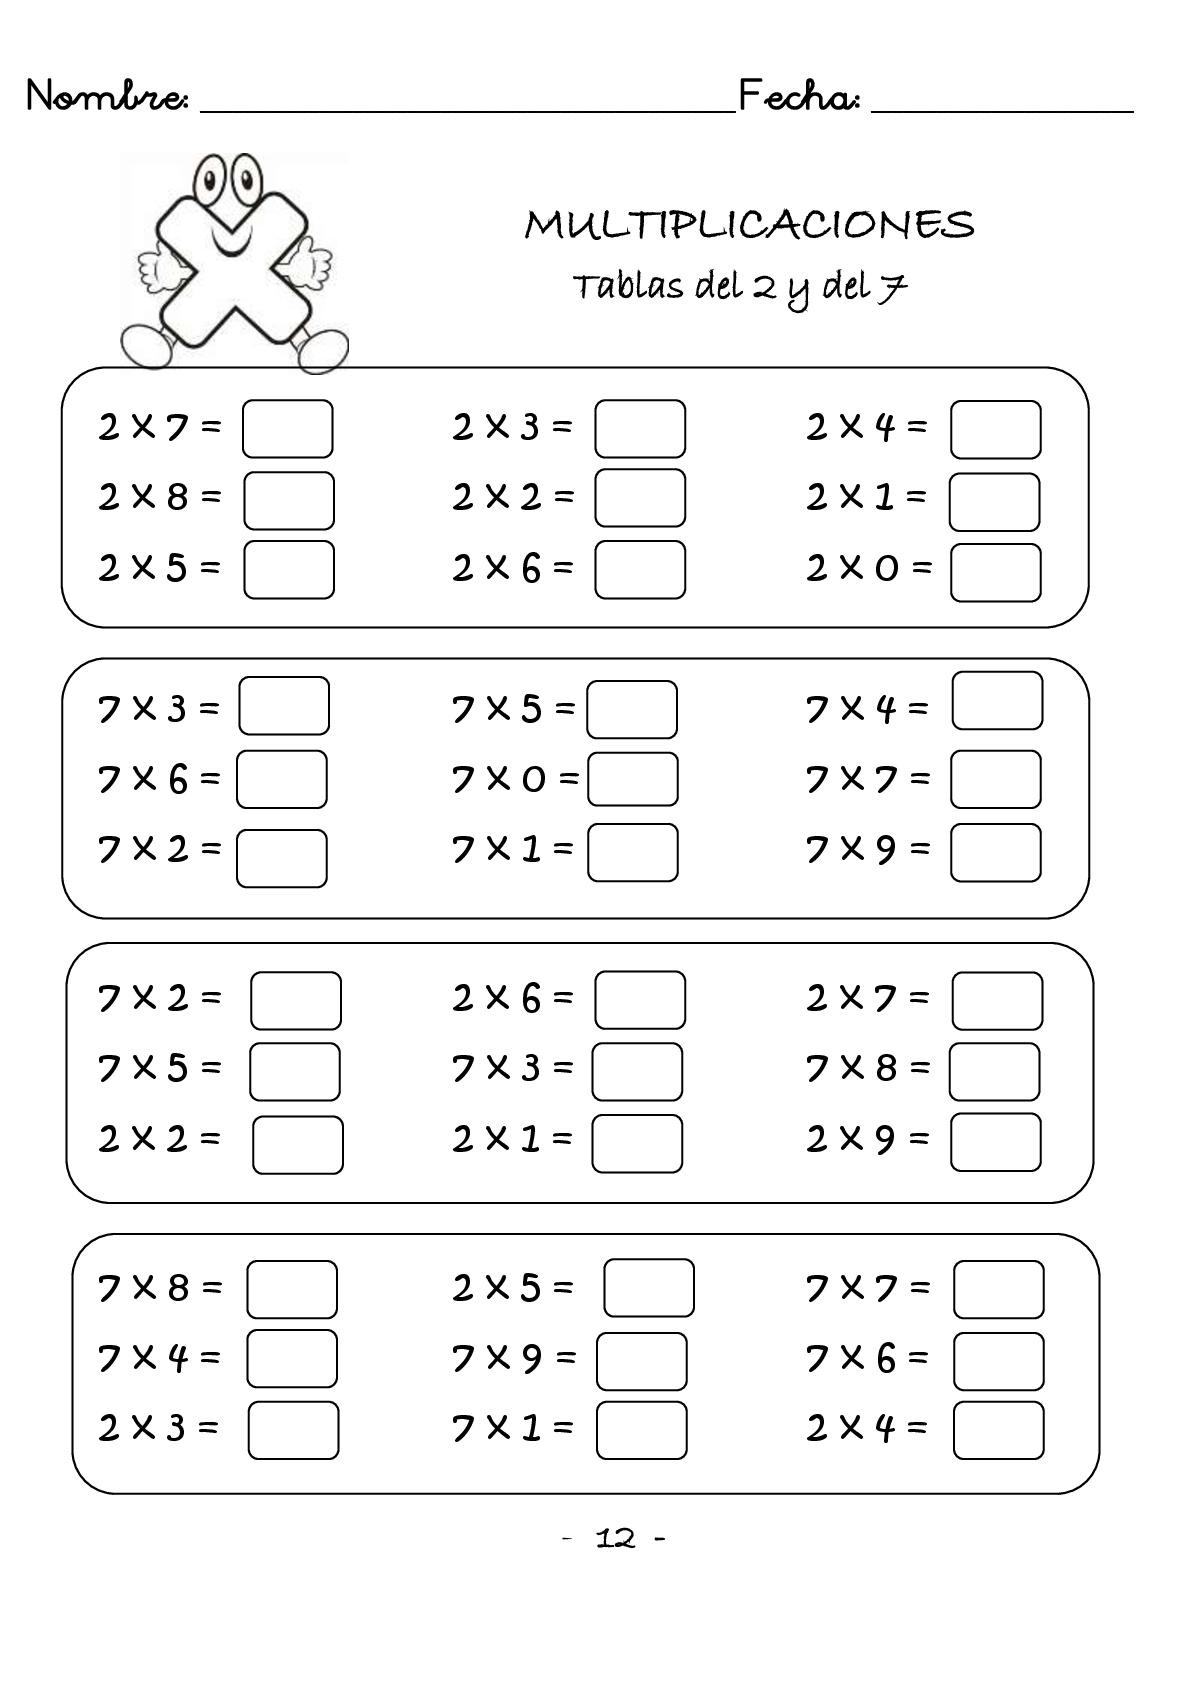 multiplicaciones-rapidas-una-cifra-protegido-013